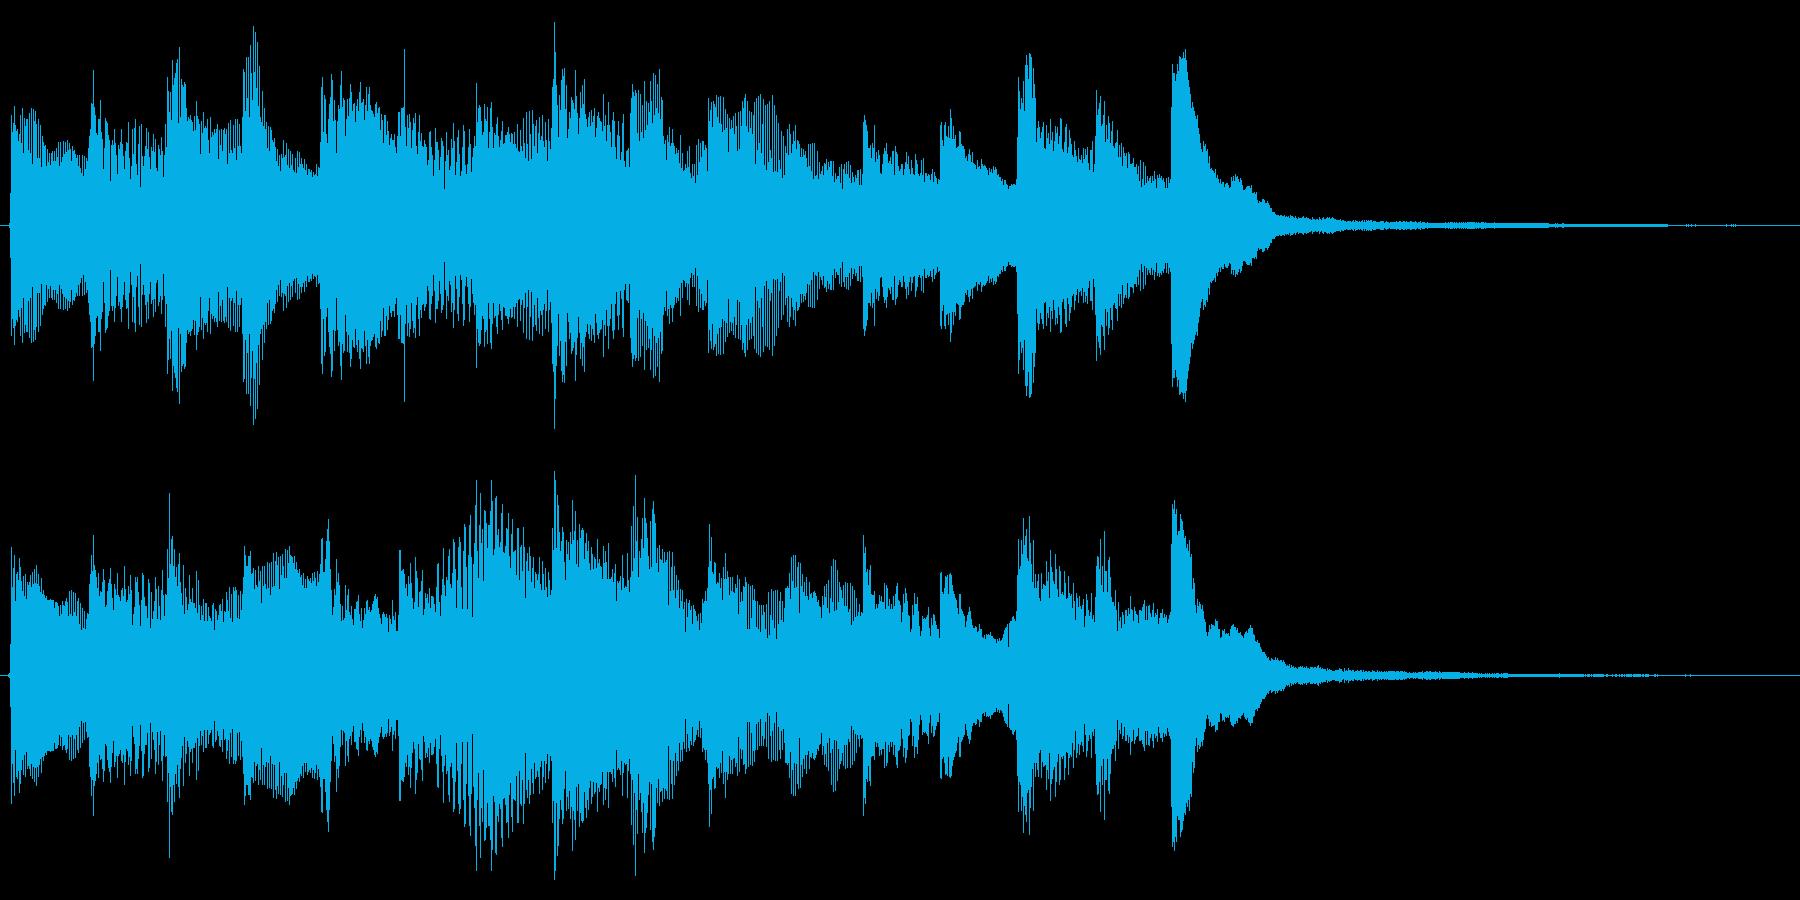 パチンコ 大当たりフィーバー用の再生済みの波形